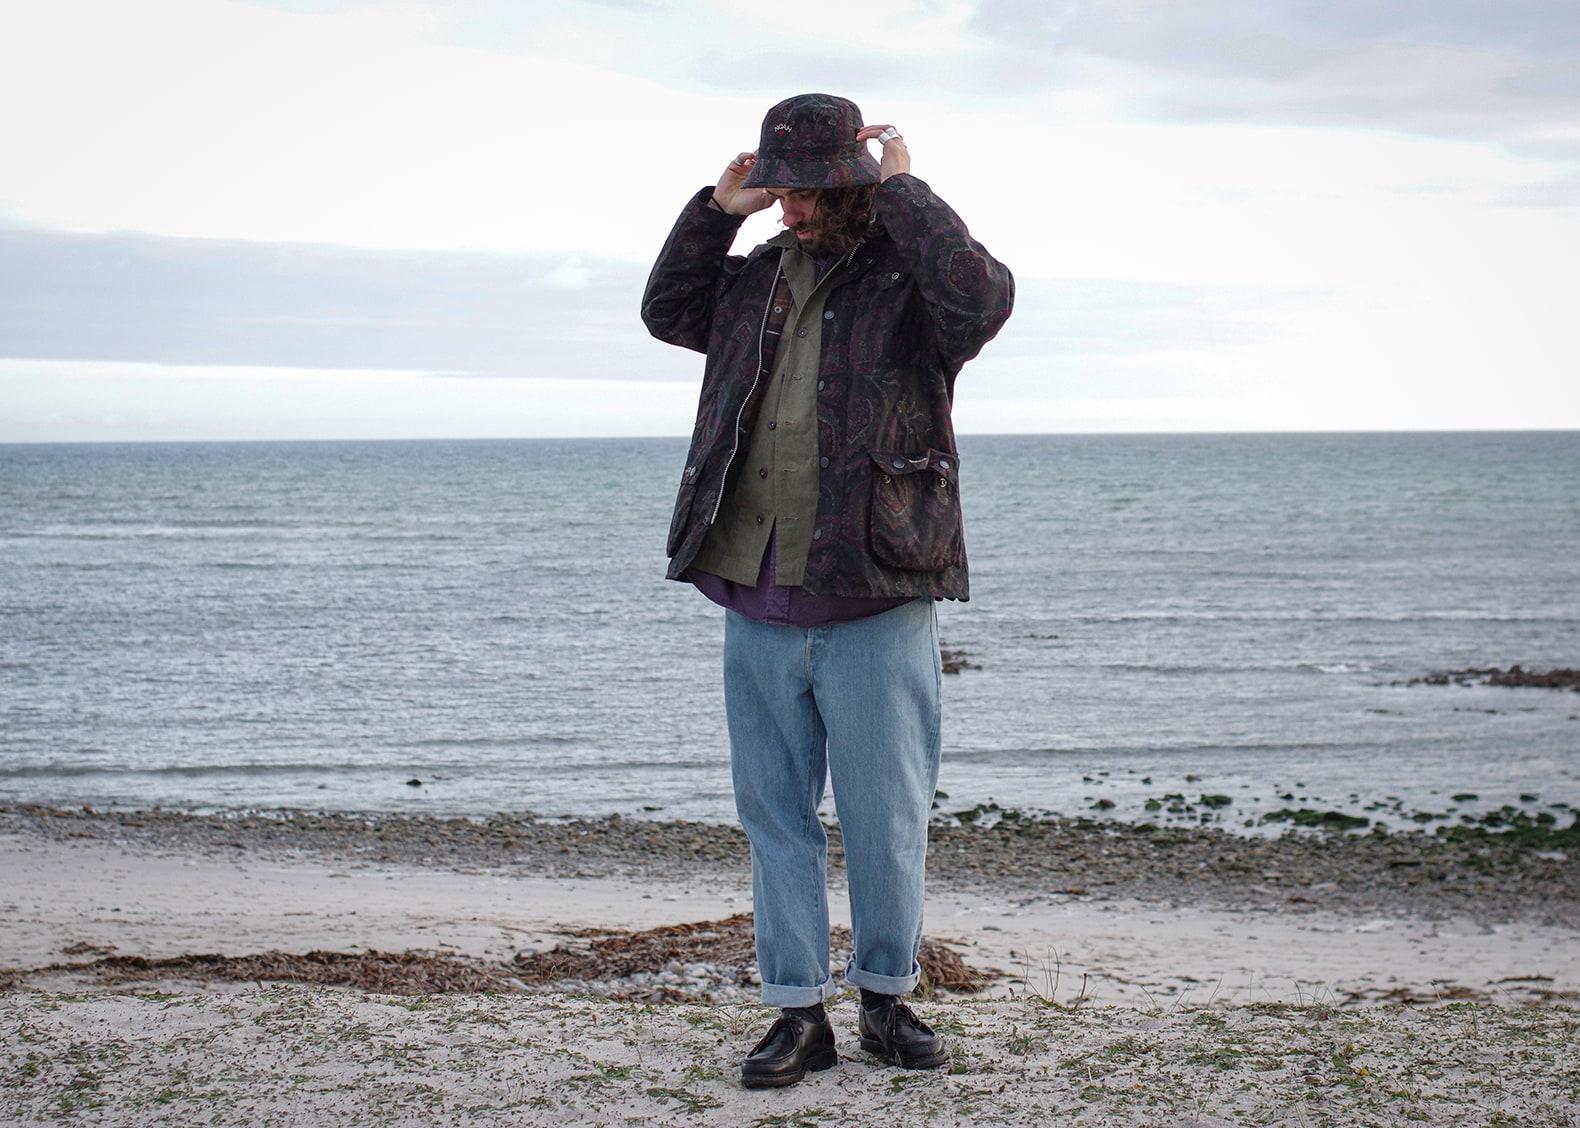 homme en tenue style street heriage avec l'ocean en fond